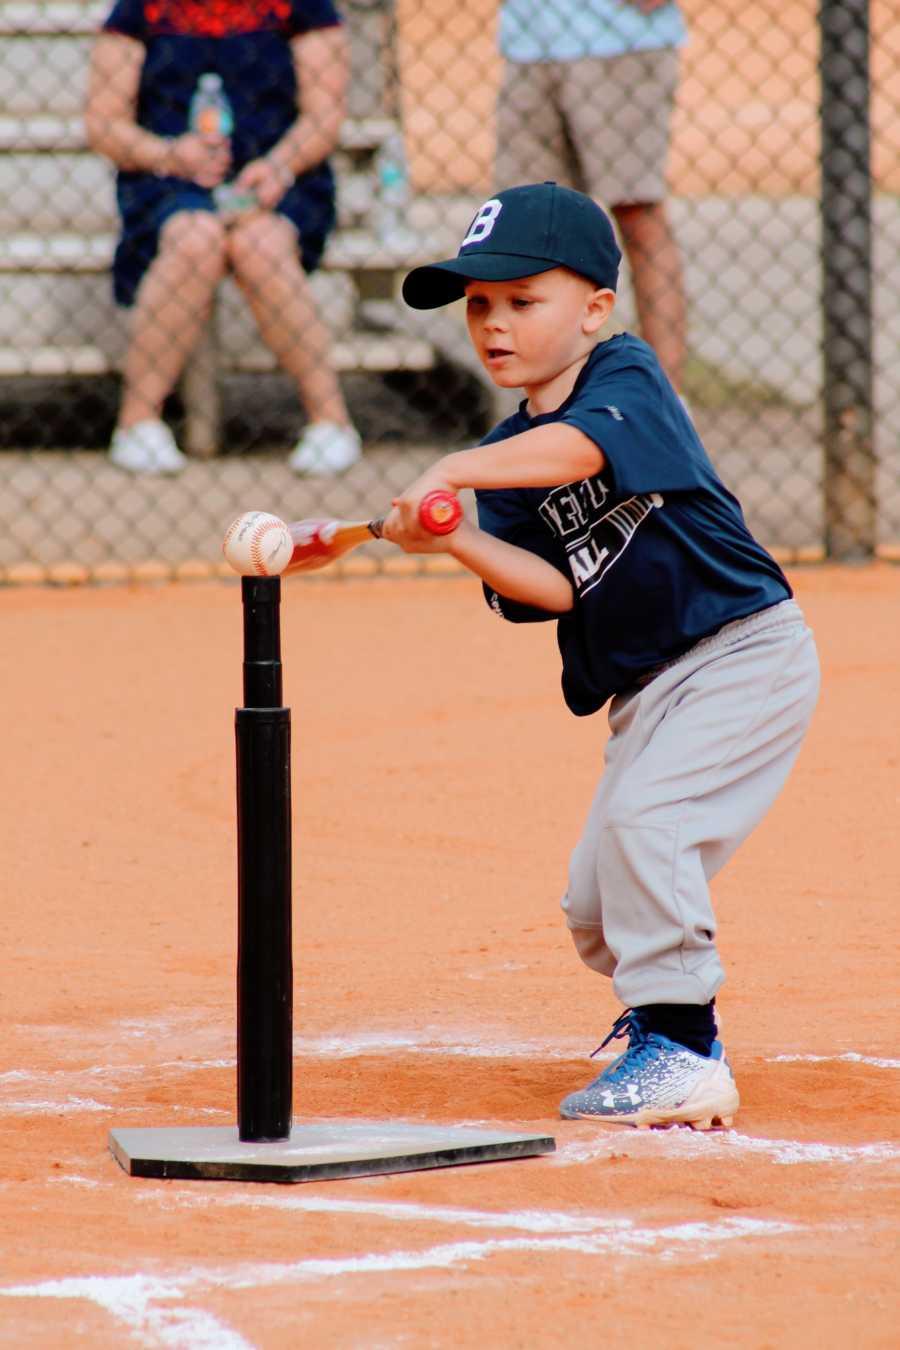 A little boy swings a bat at a ball on a tee